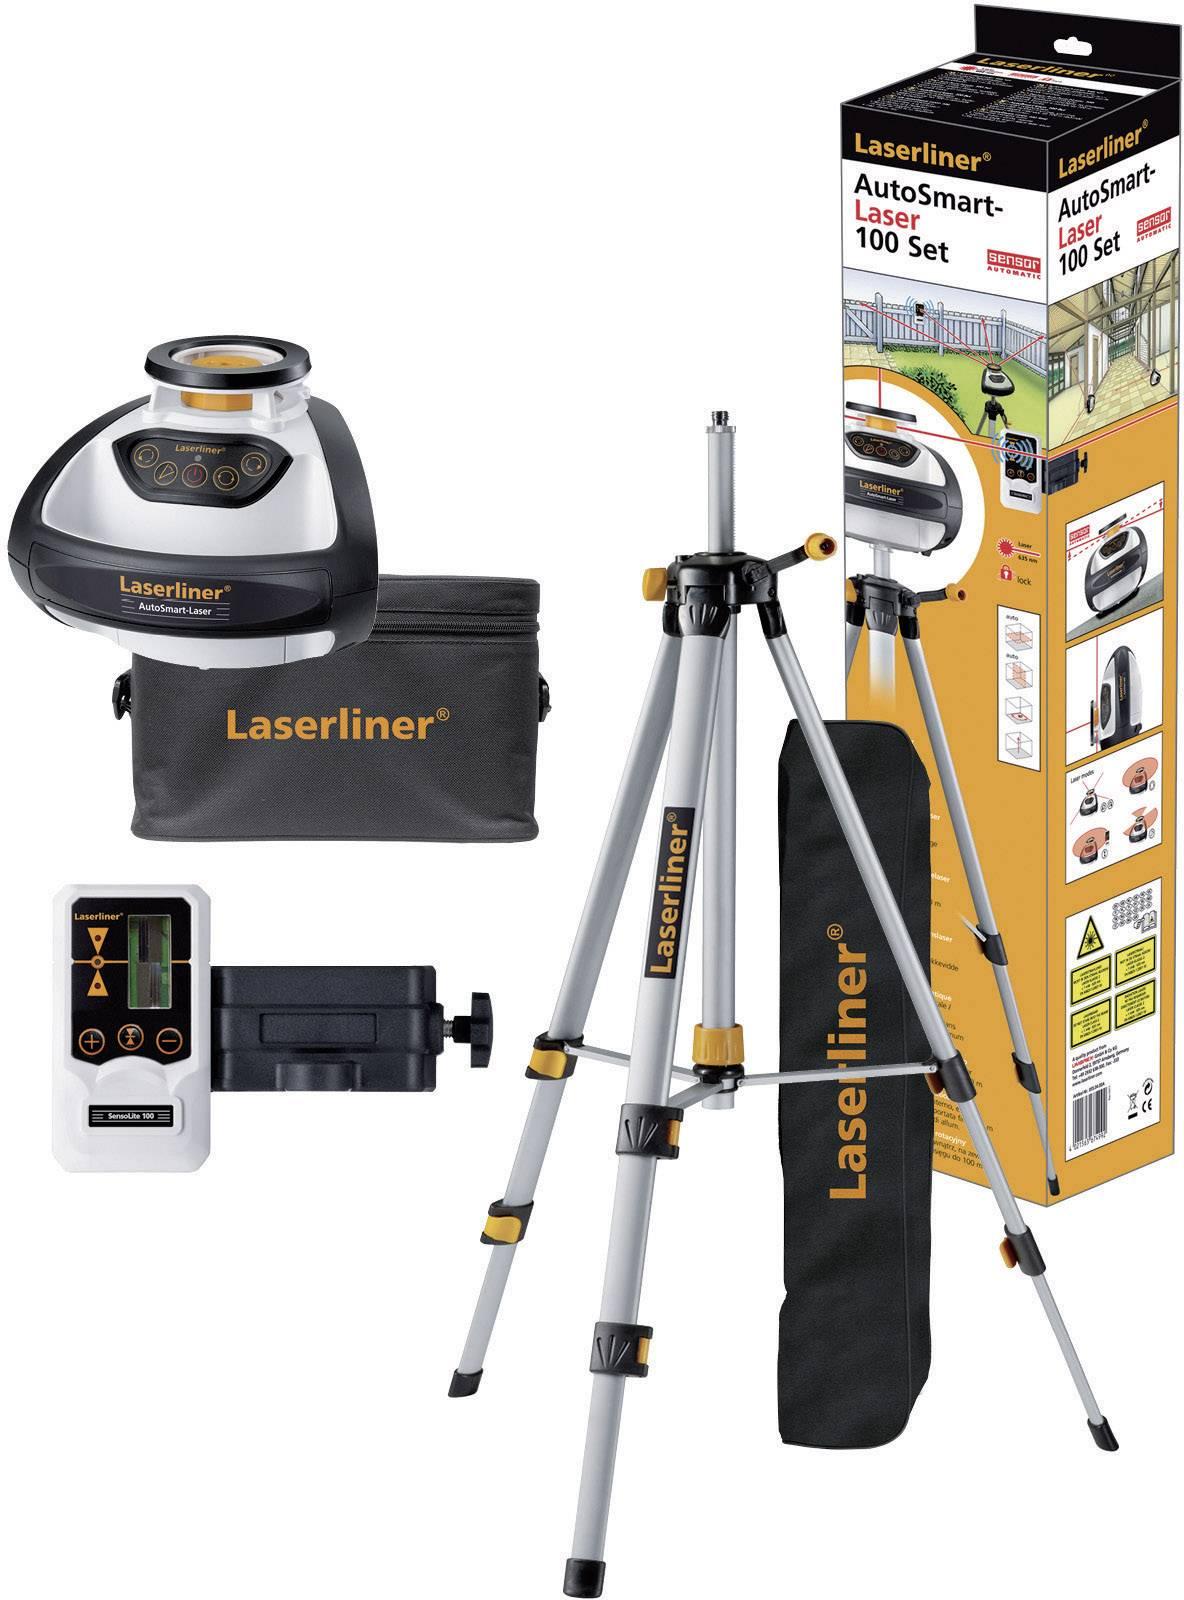 Rotační laser Laserliner AutoSmart-Laser 100, kalibrováno dle ISO